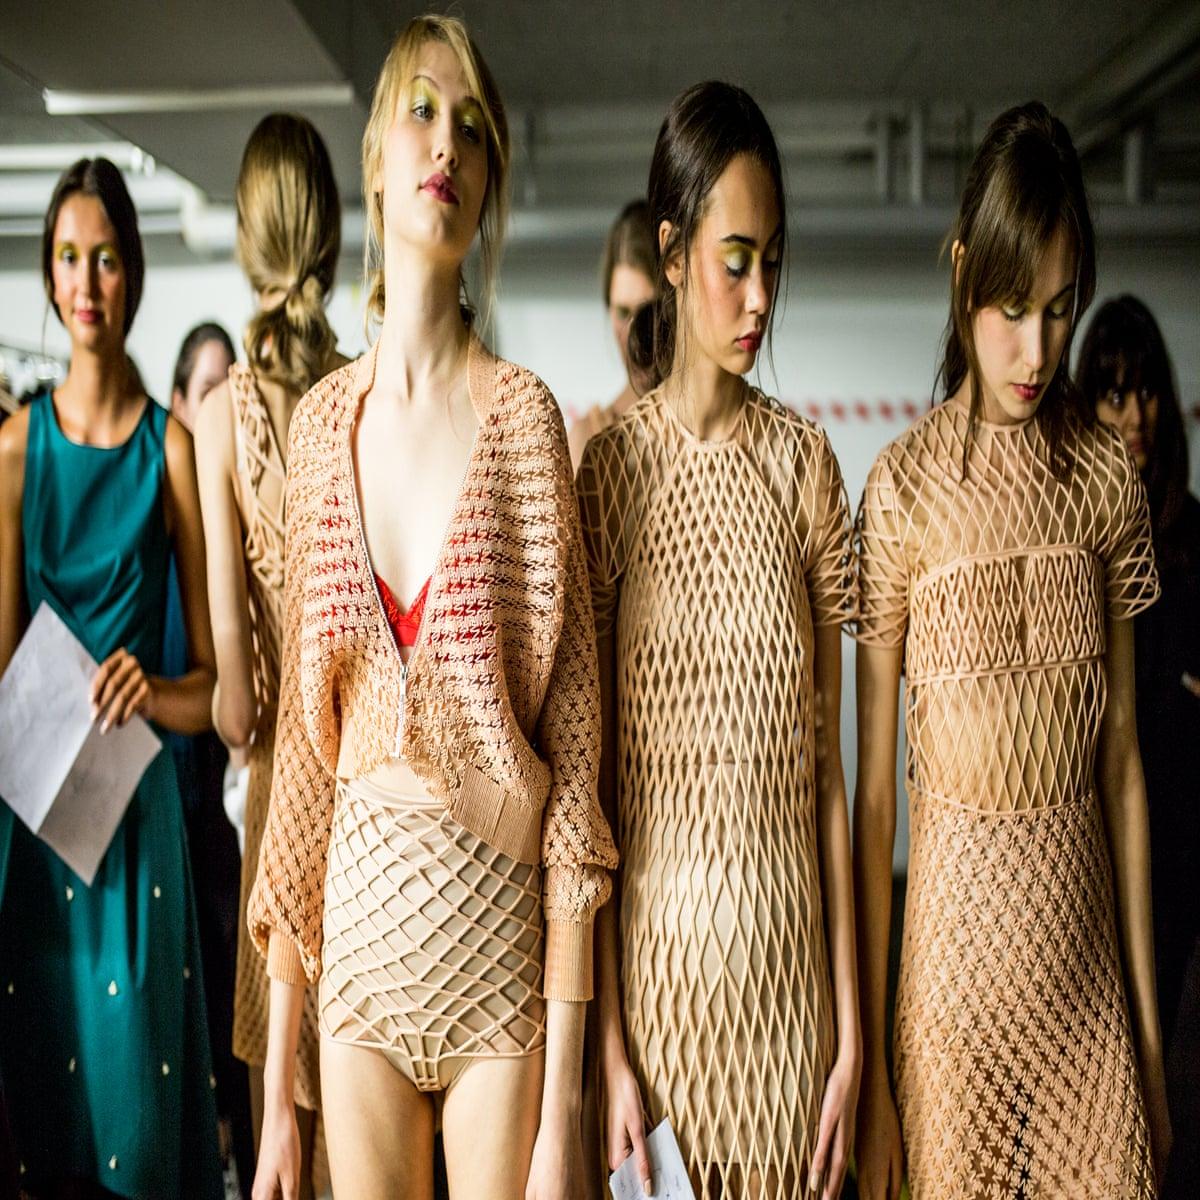 21d0591a06 Ten ways to make fashion greener